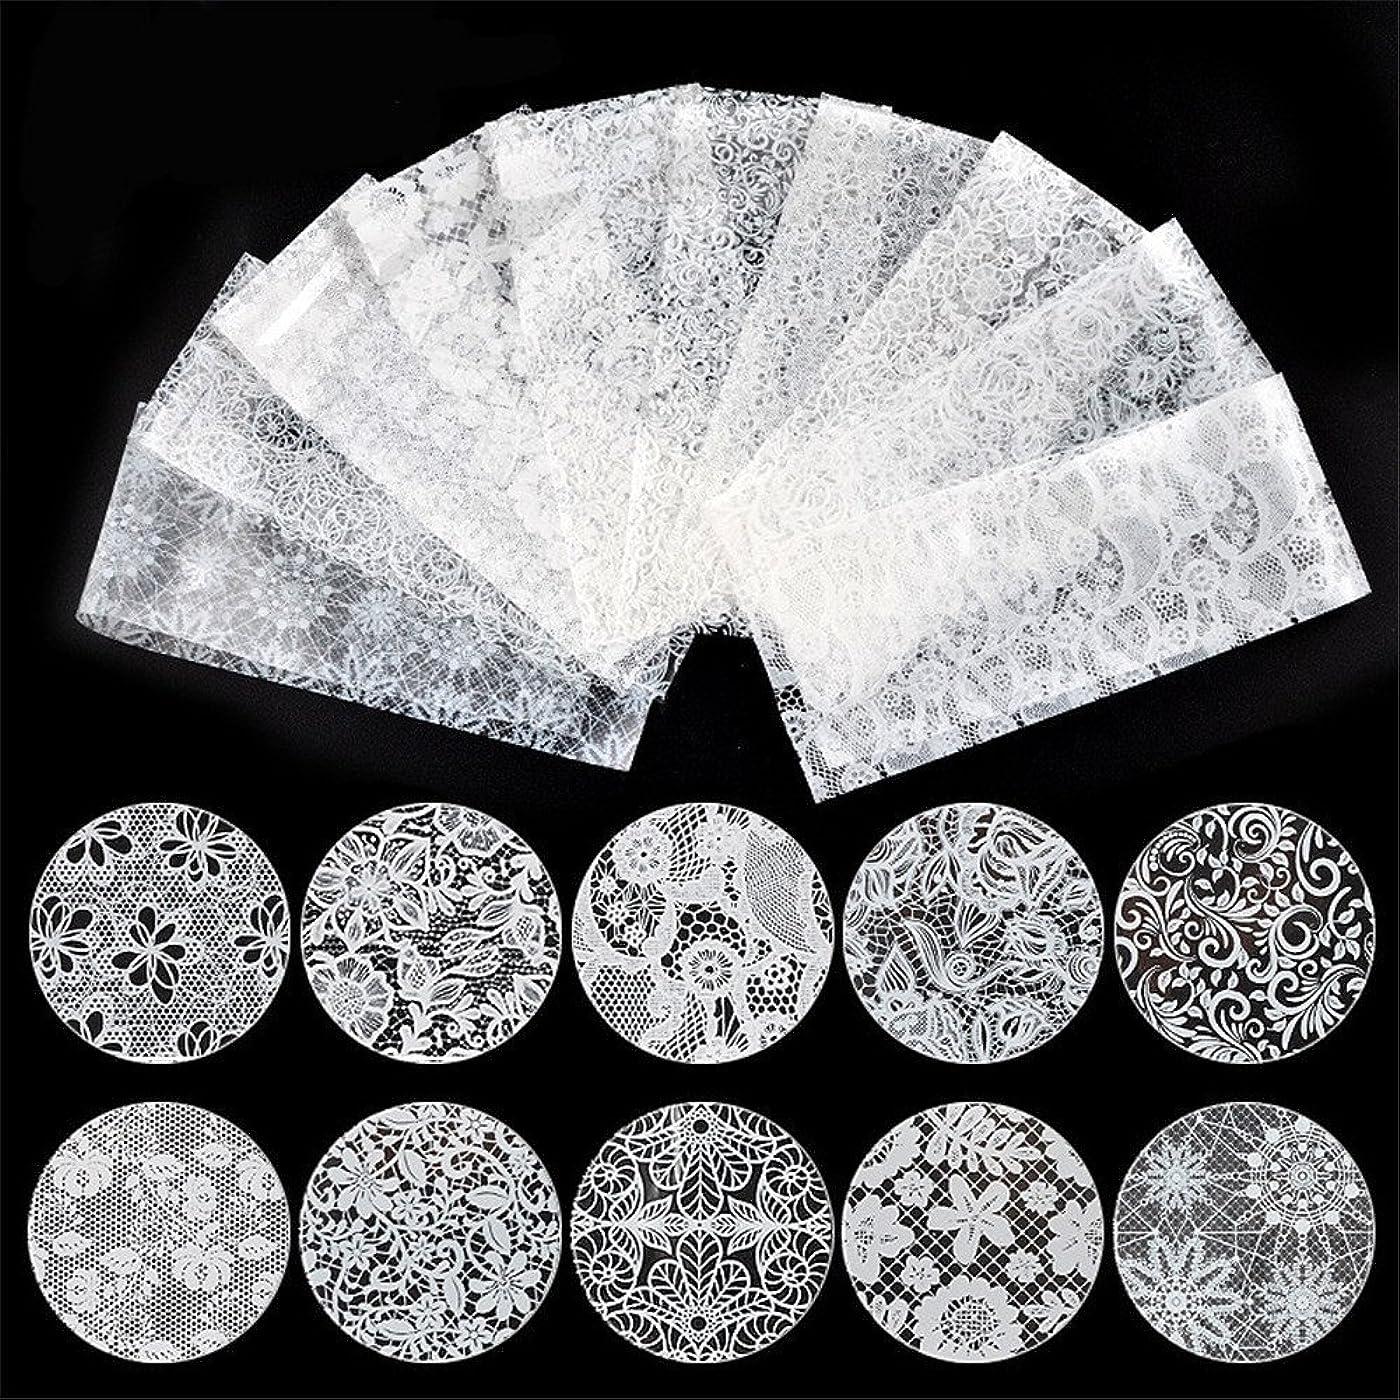 飾るフクロウ旅10種セット 黒白2色から選べレースネイルホイルフォイル クラッシュ ギアピーコックパータン ネイルシーツネイルパーツネイルアート (白)